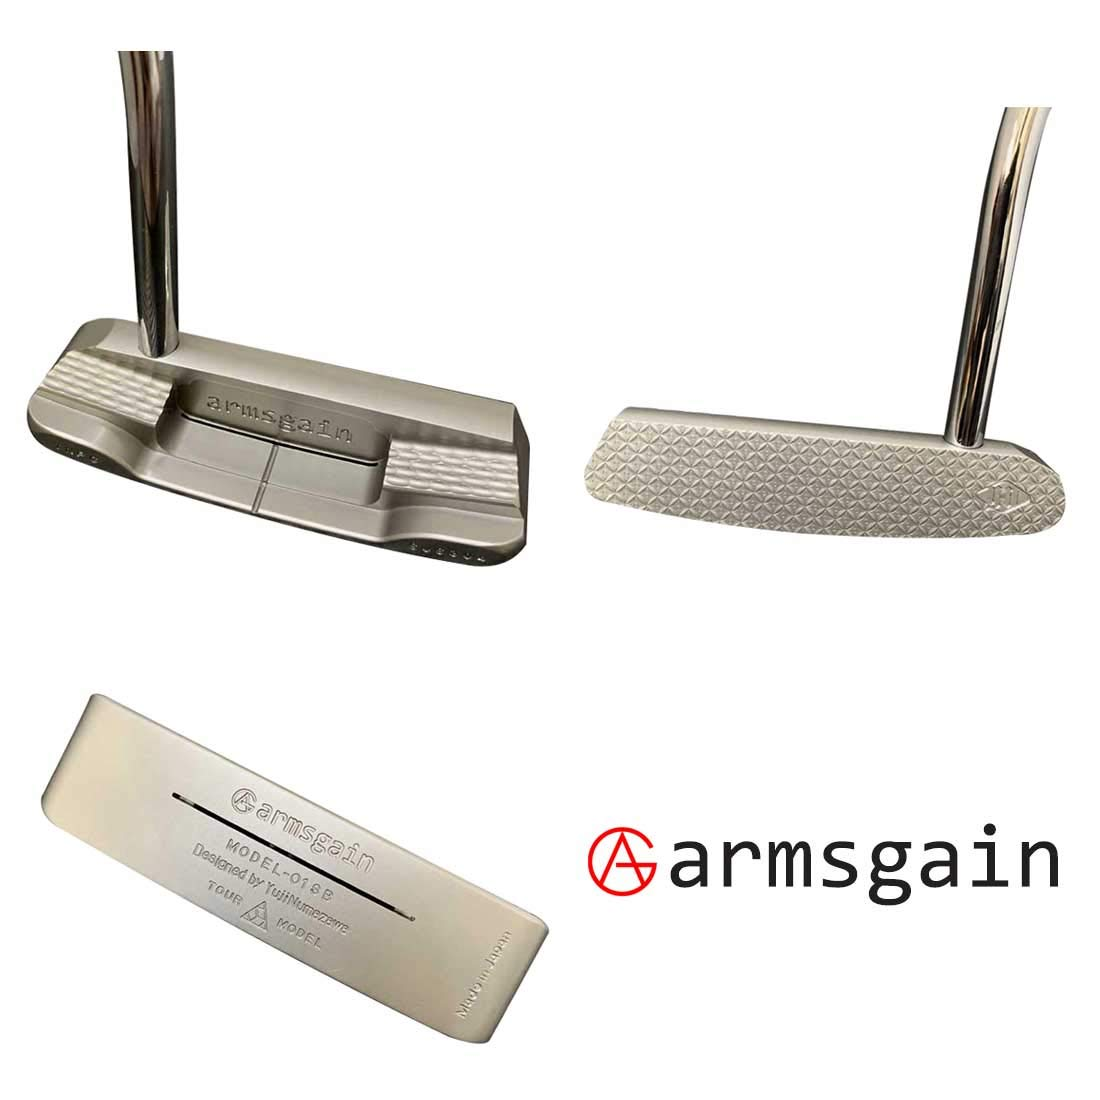 アームスゲイン(armsgain) パター Model-01【TourModel】 ブレードベンドネックタイプ 34インチ パター B07S239N4M